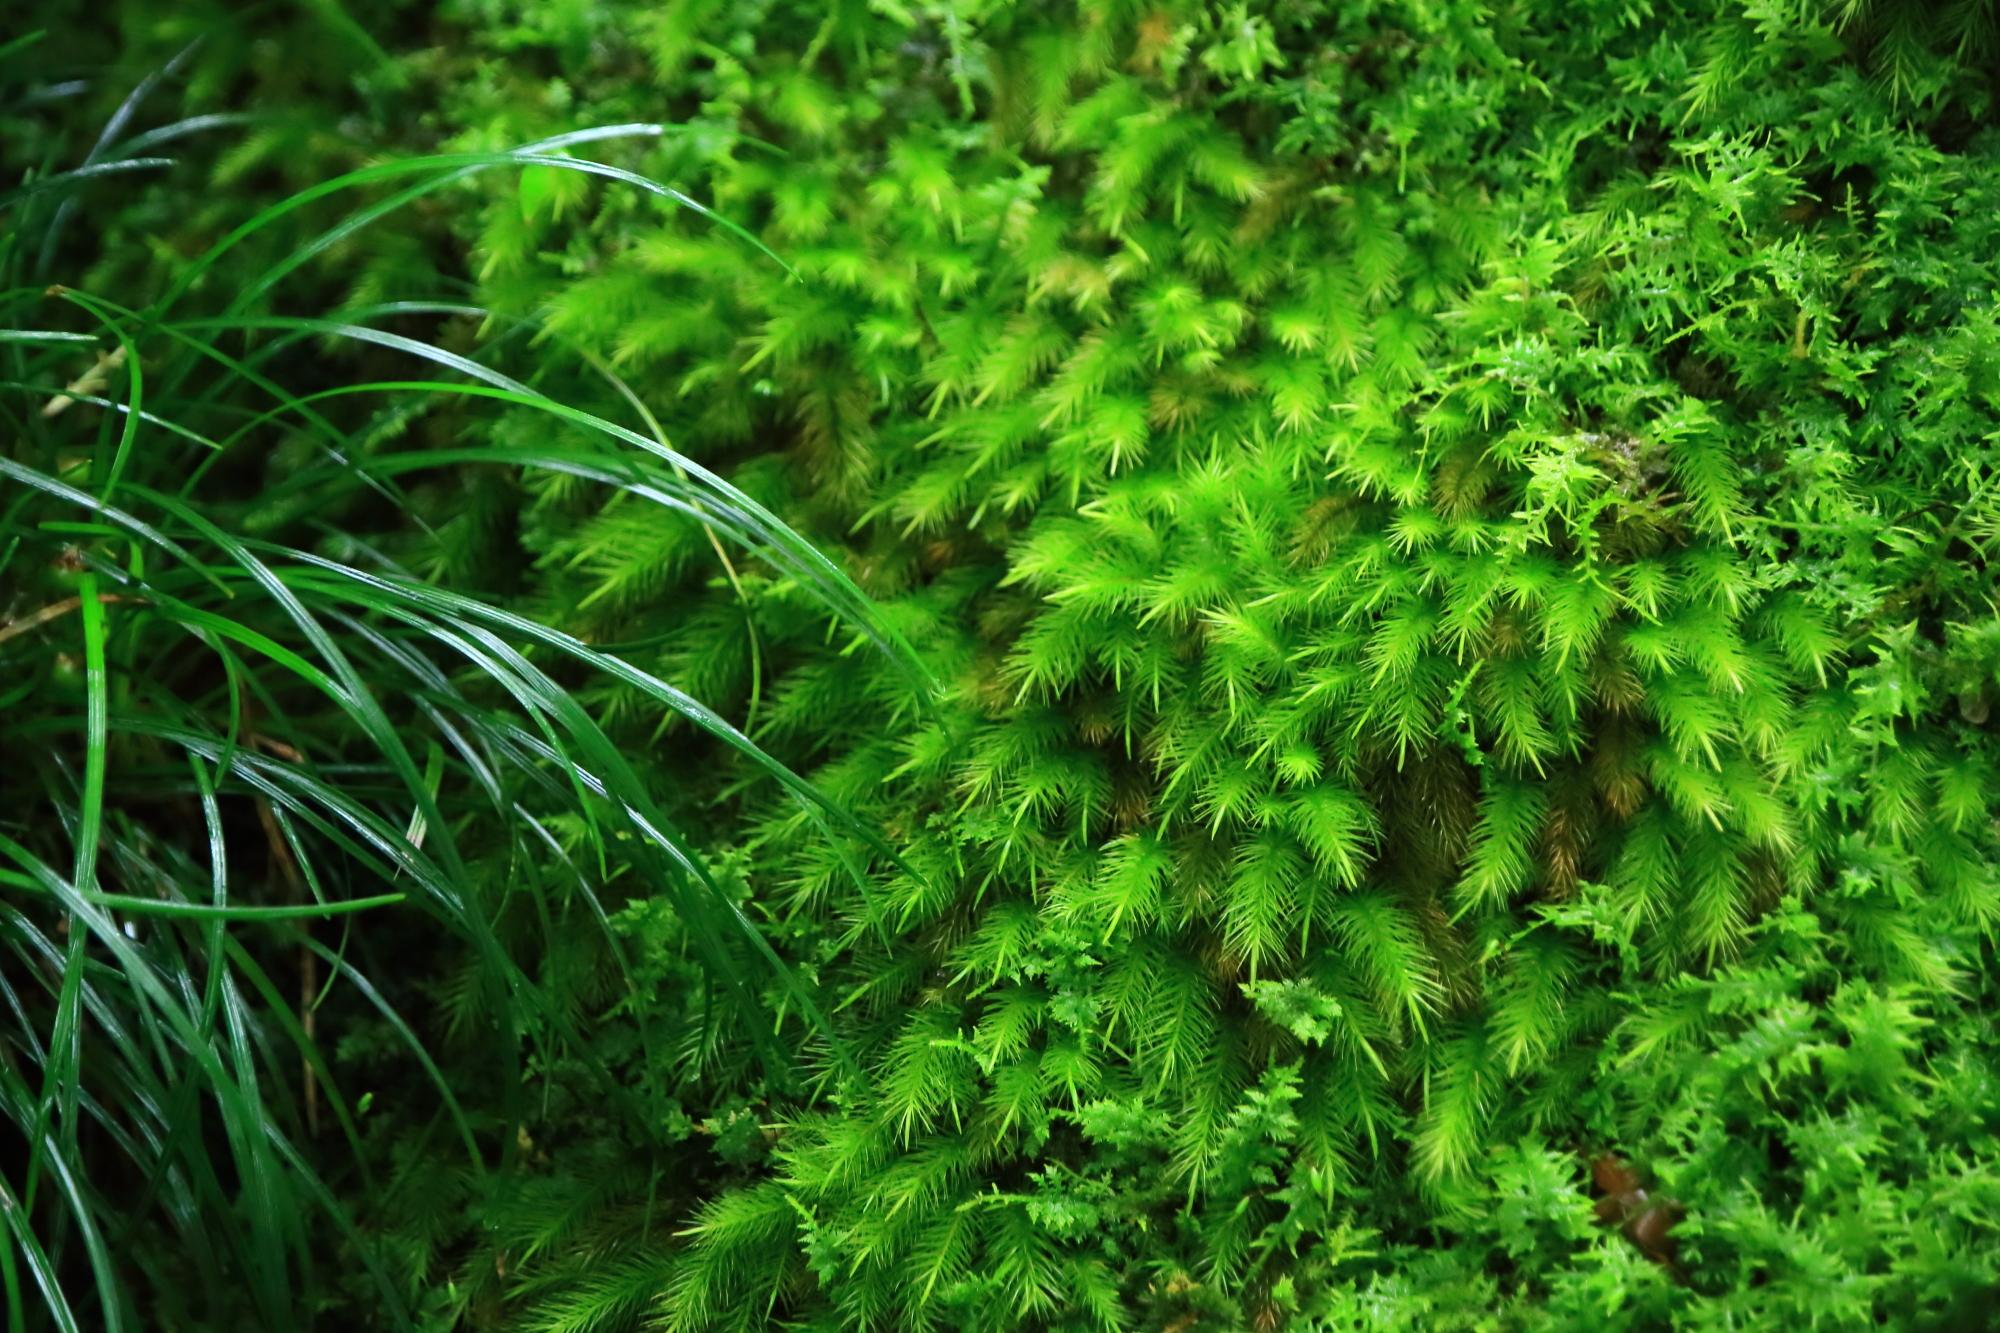 多彩多様な緑の溢れる庭園